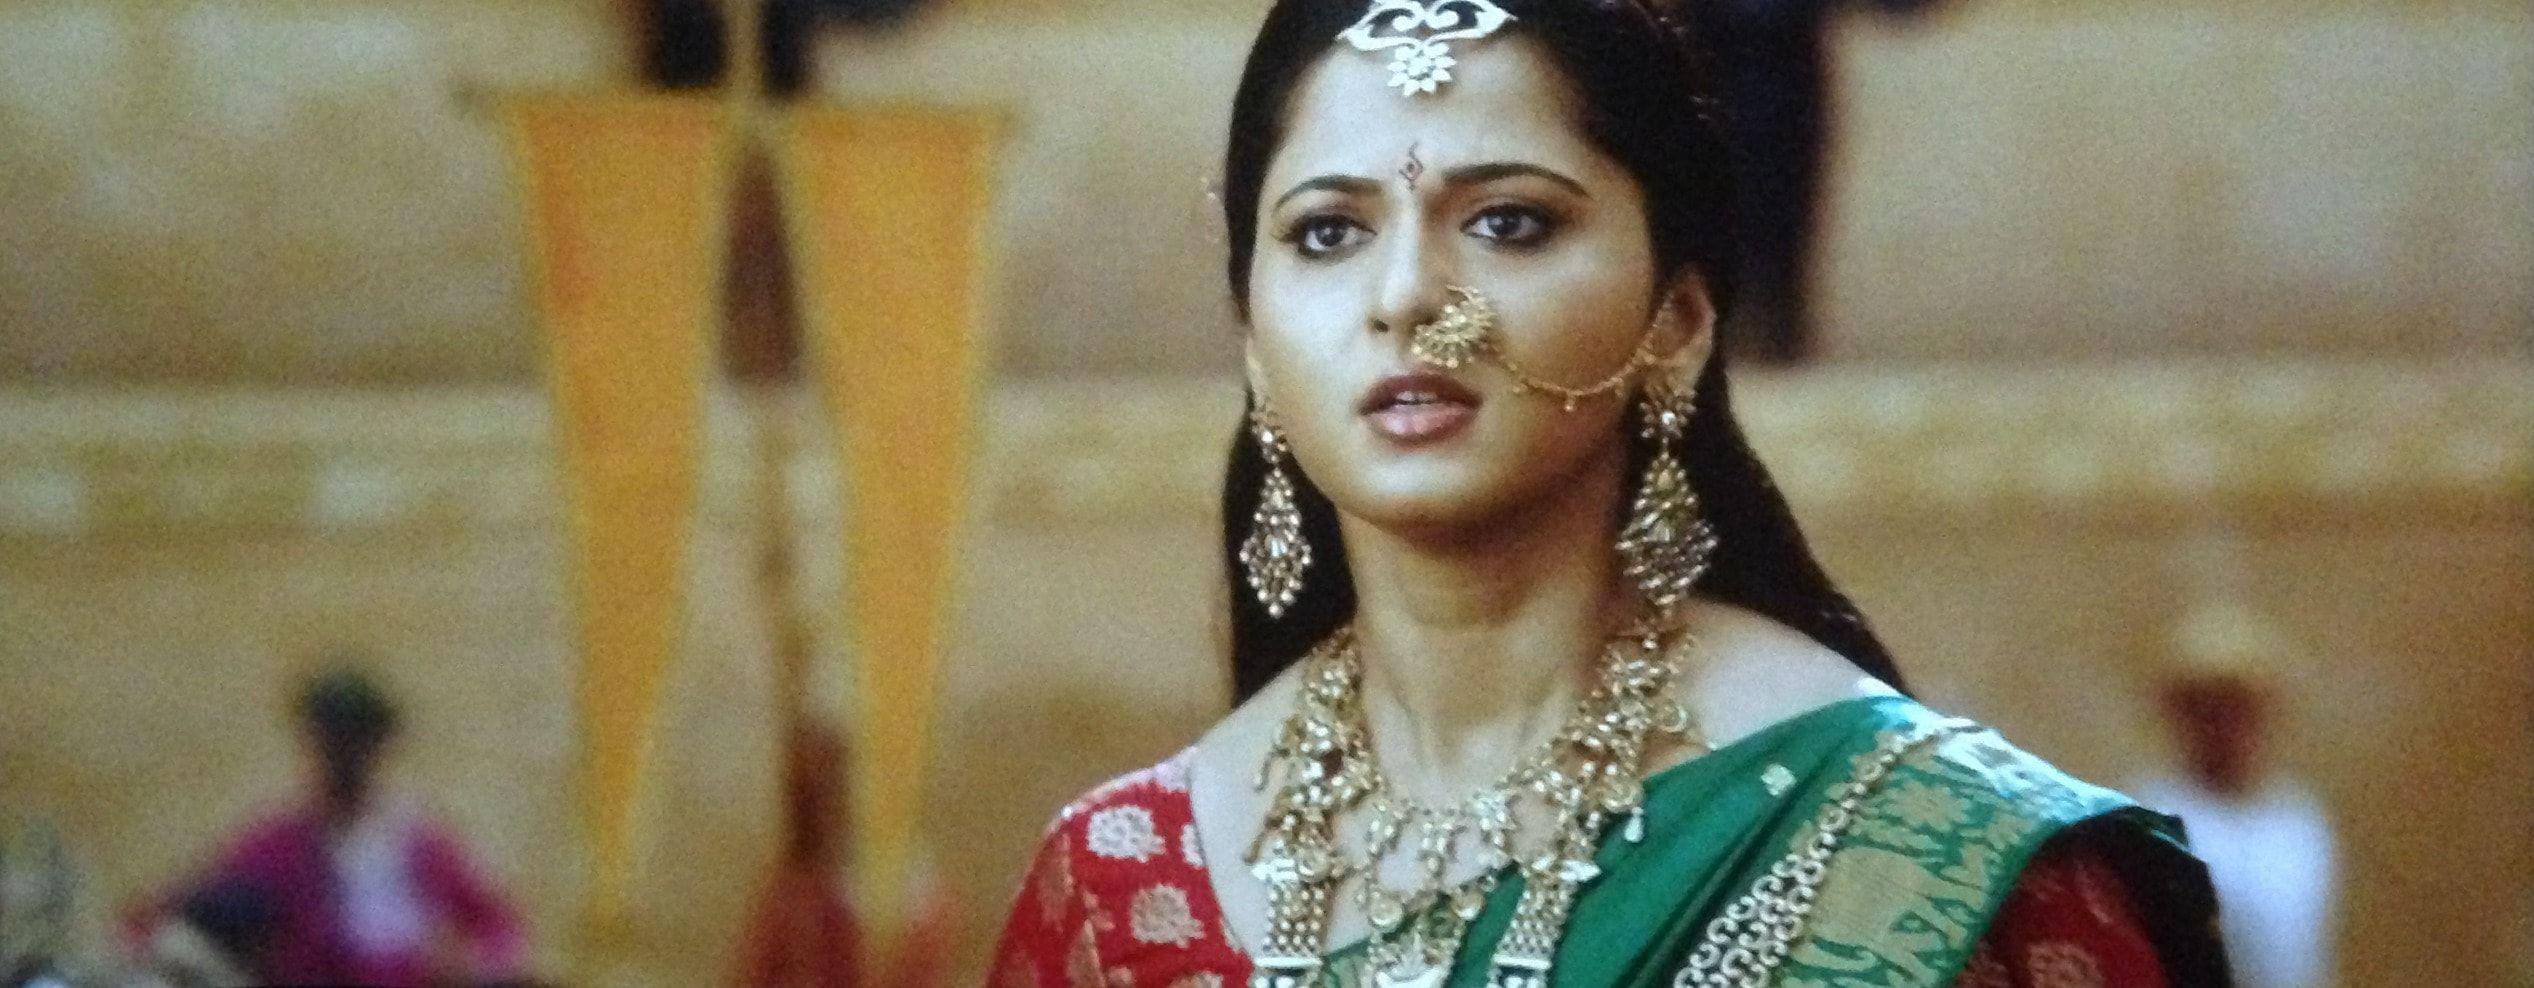 anushka shetty goddess looks is charismatic in bahubali 2 in 2018